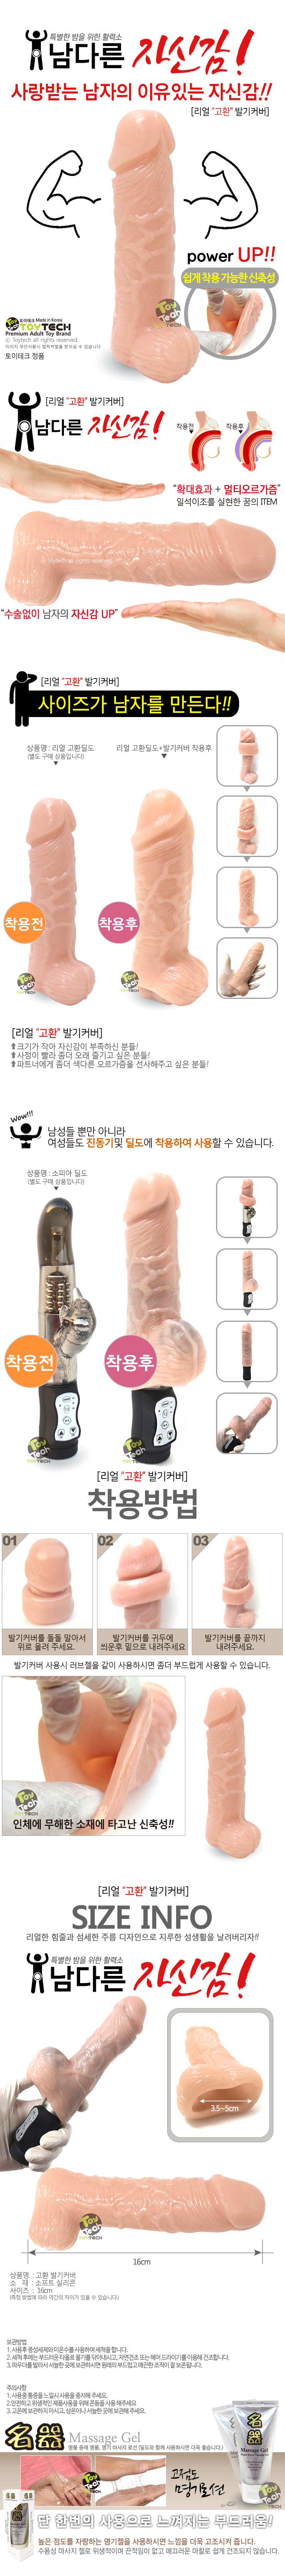 리얼 발기 커버 콘돔